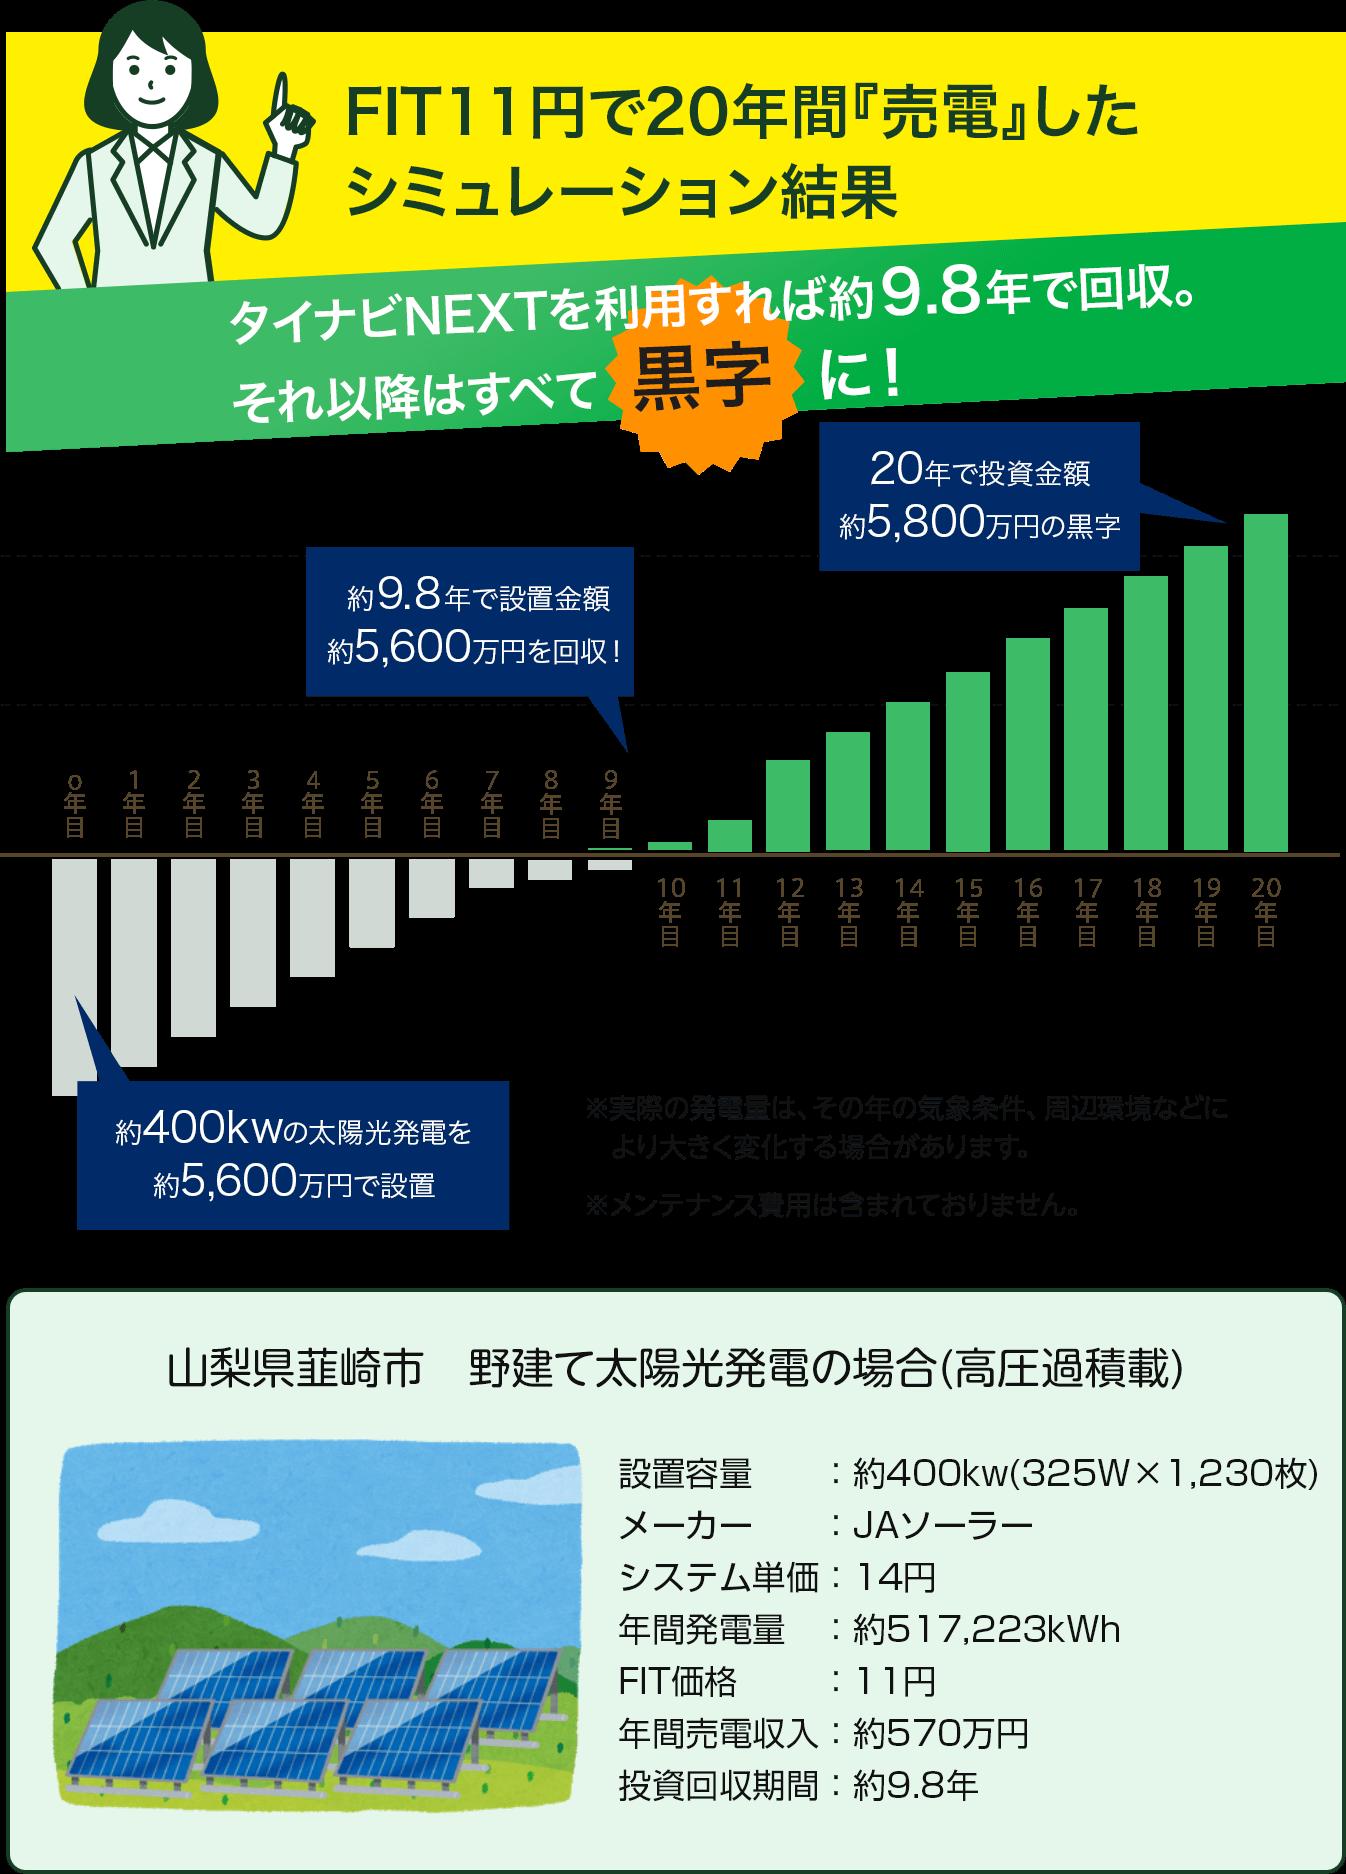 FIT12円で20年間「売電」した趣味レーション結果